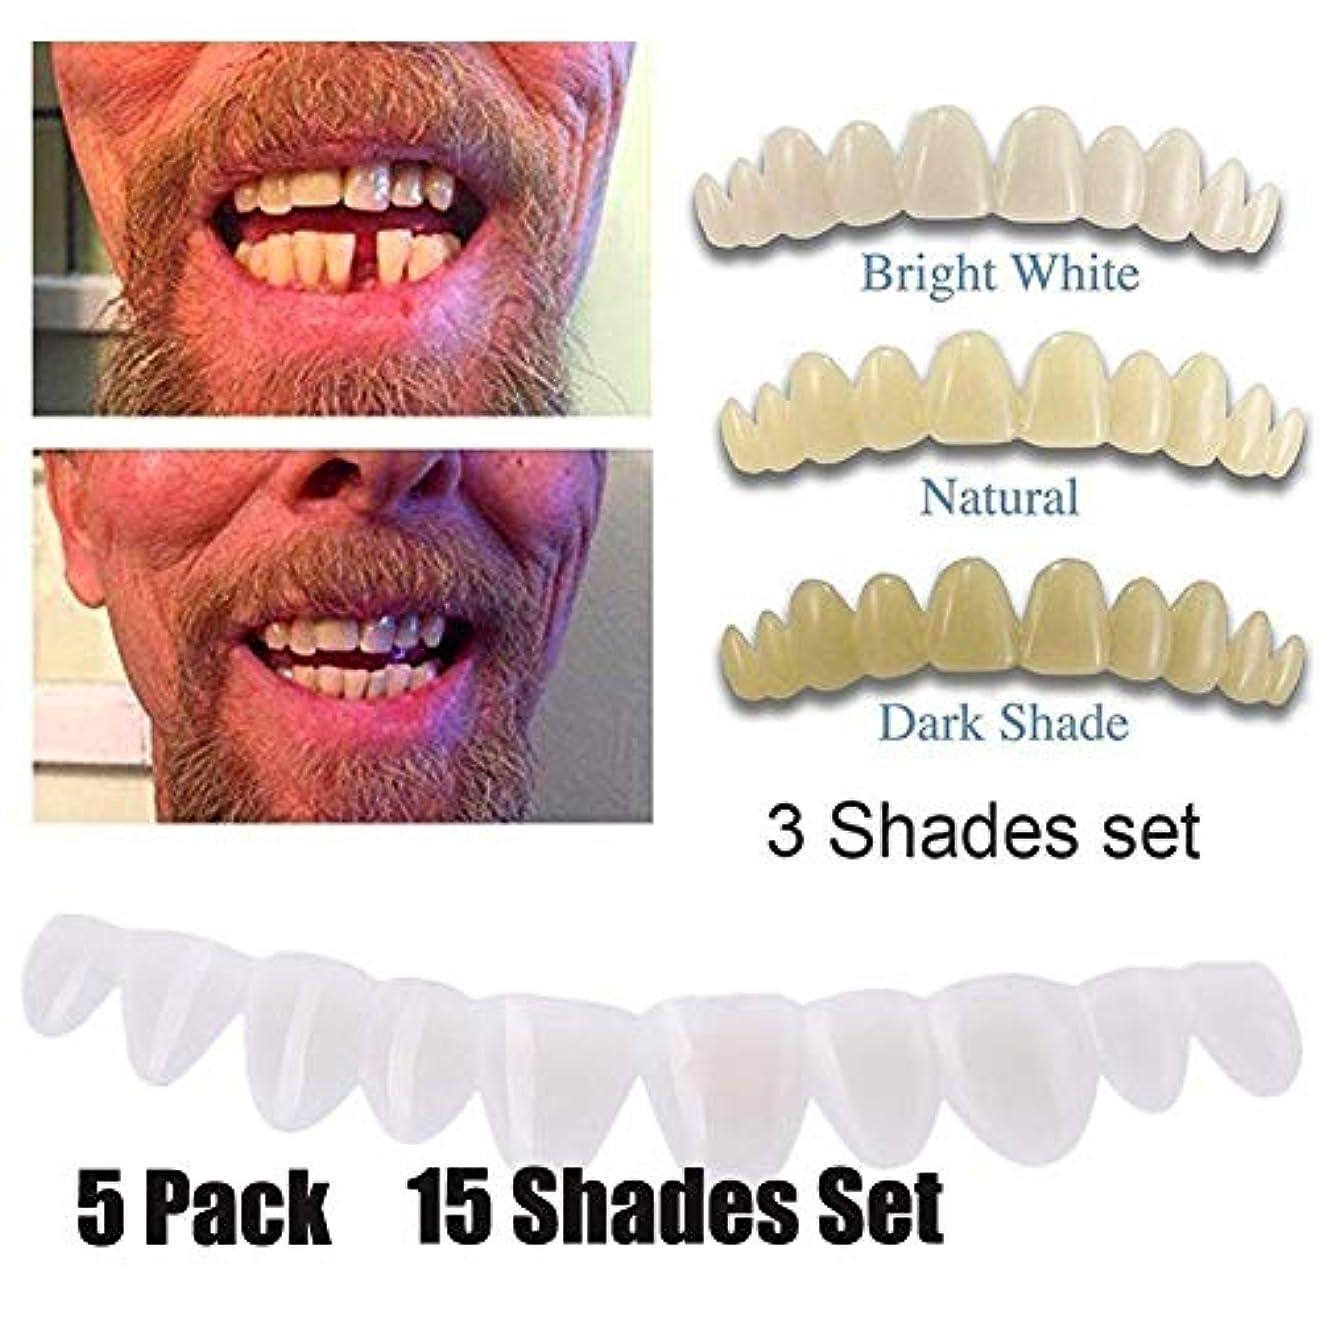 第五ブリーフケース秘書5パックインスタントスマイルテンポラリートゥースキット3色付き欠けているか壊れている歯の修正が数分以内にあなたの笑顔を直します